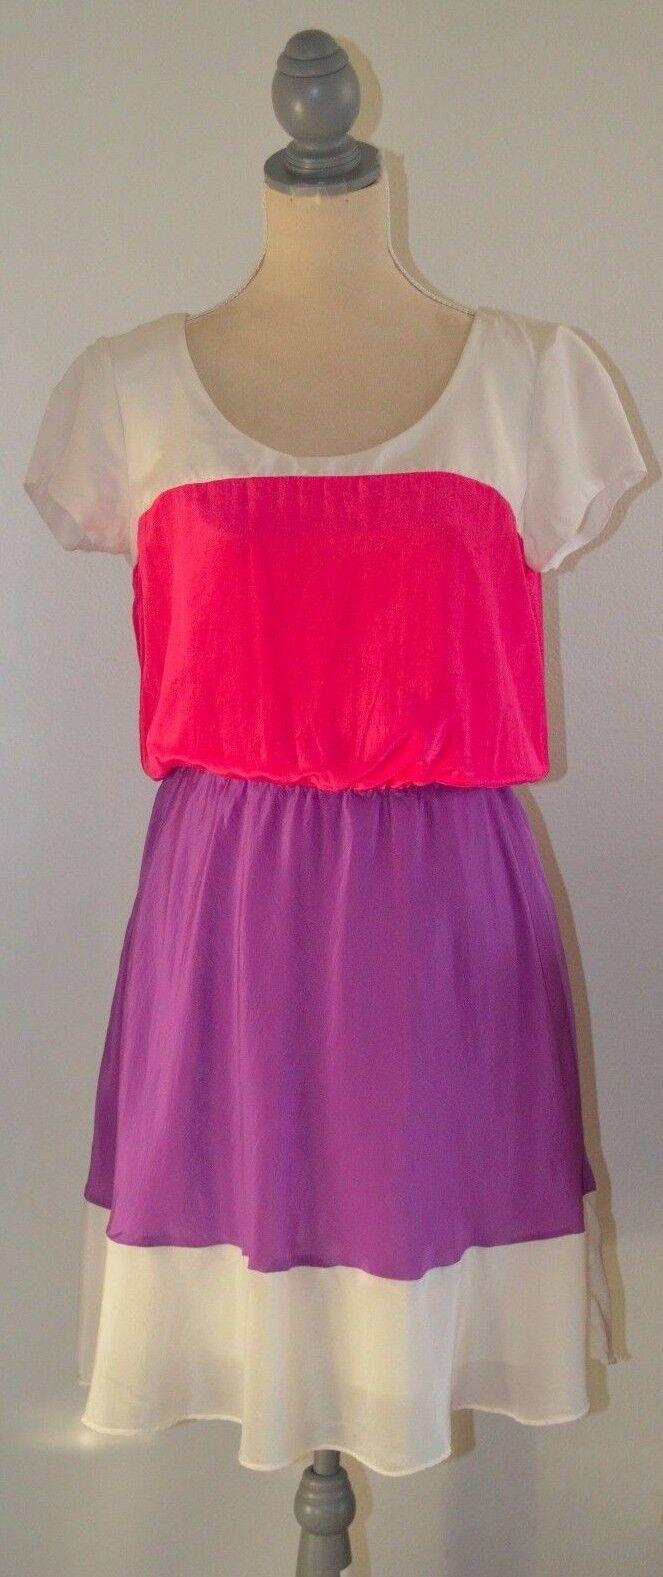 Julie Dillon Mangas Cortas Vestido de seda de Color bloque